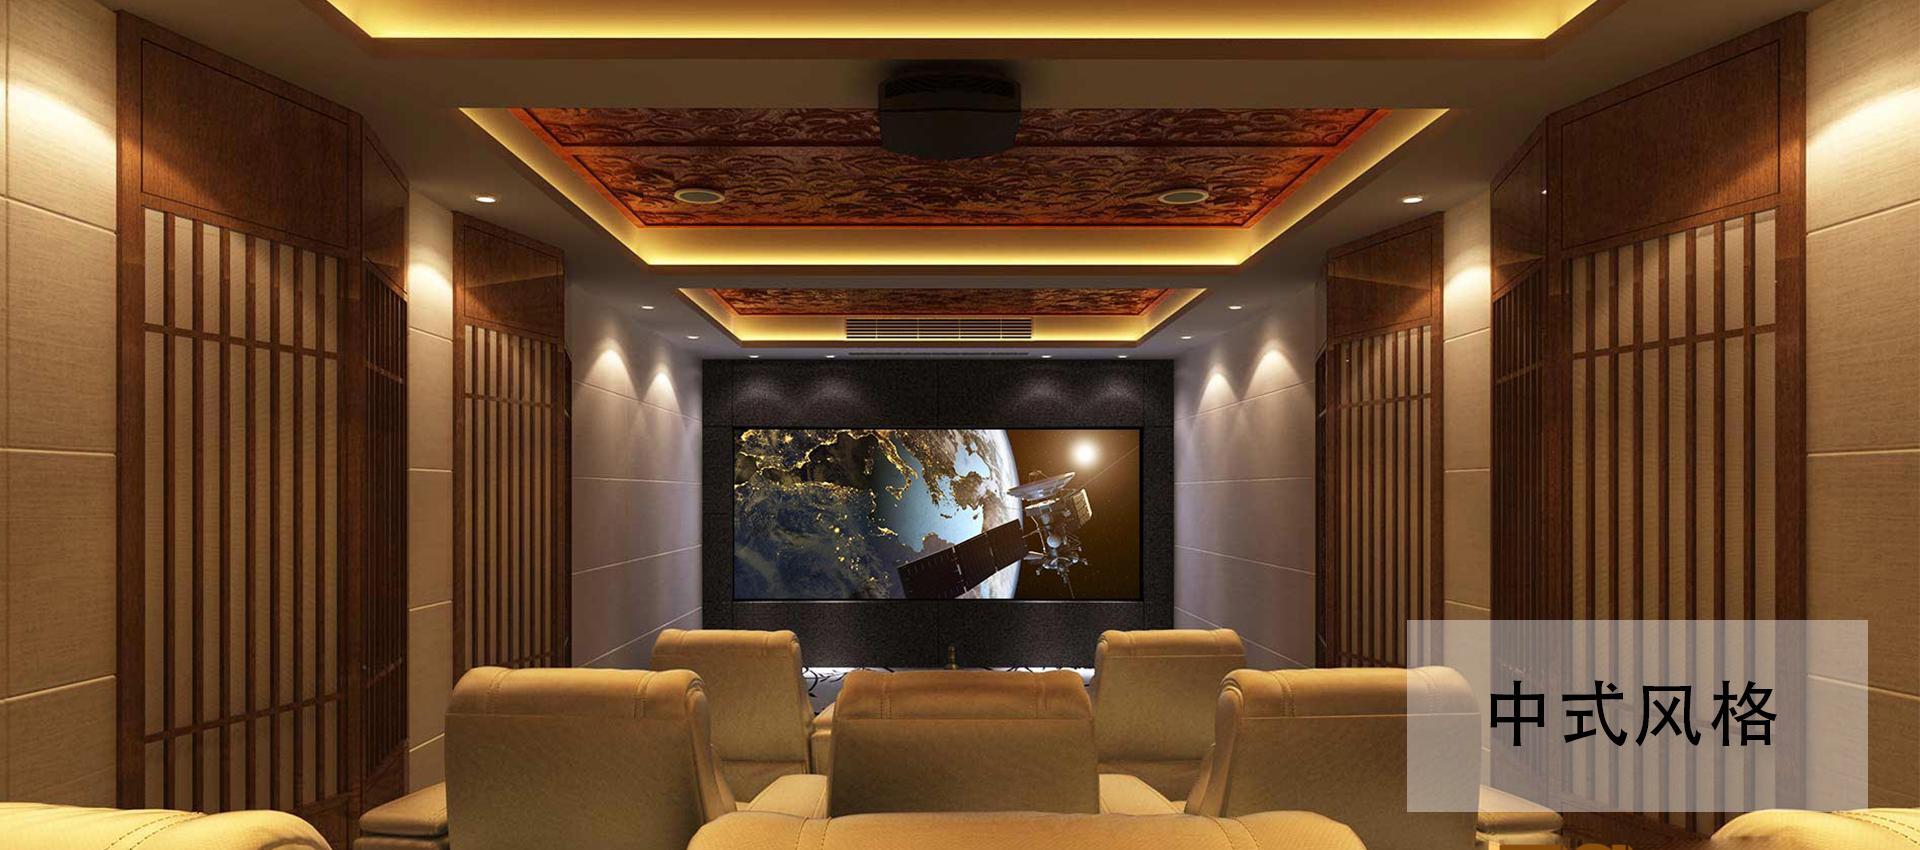 家庭影音室装修设计方案